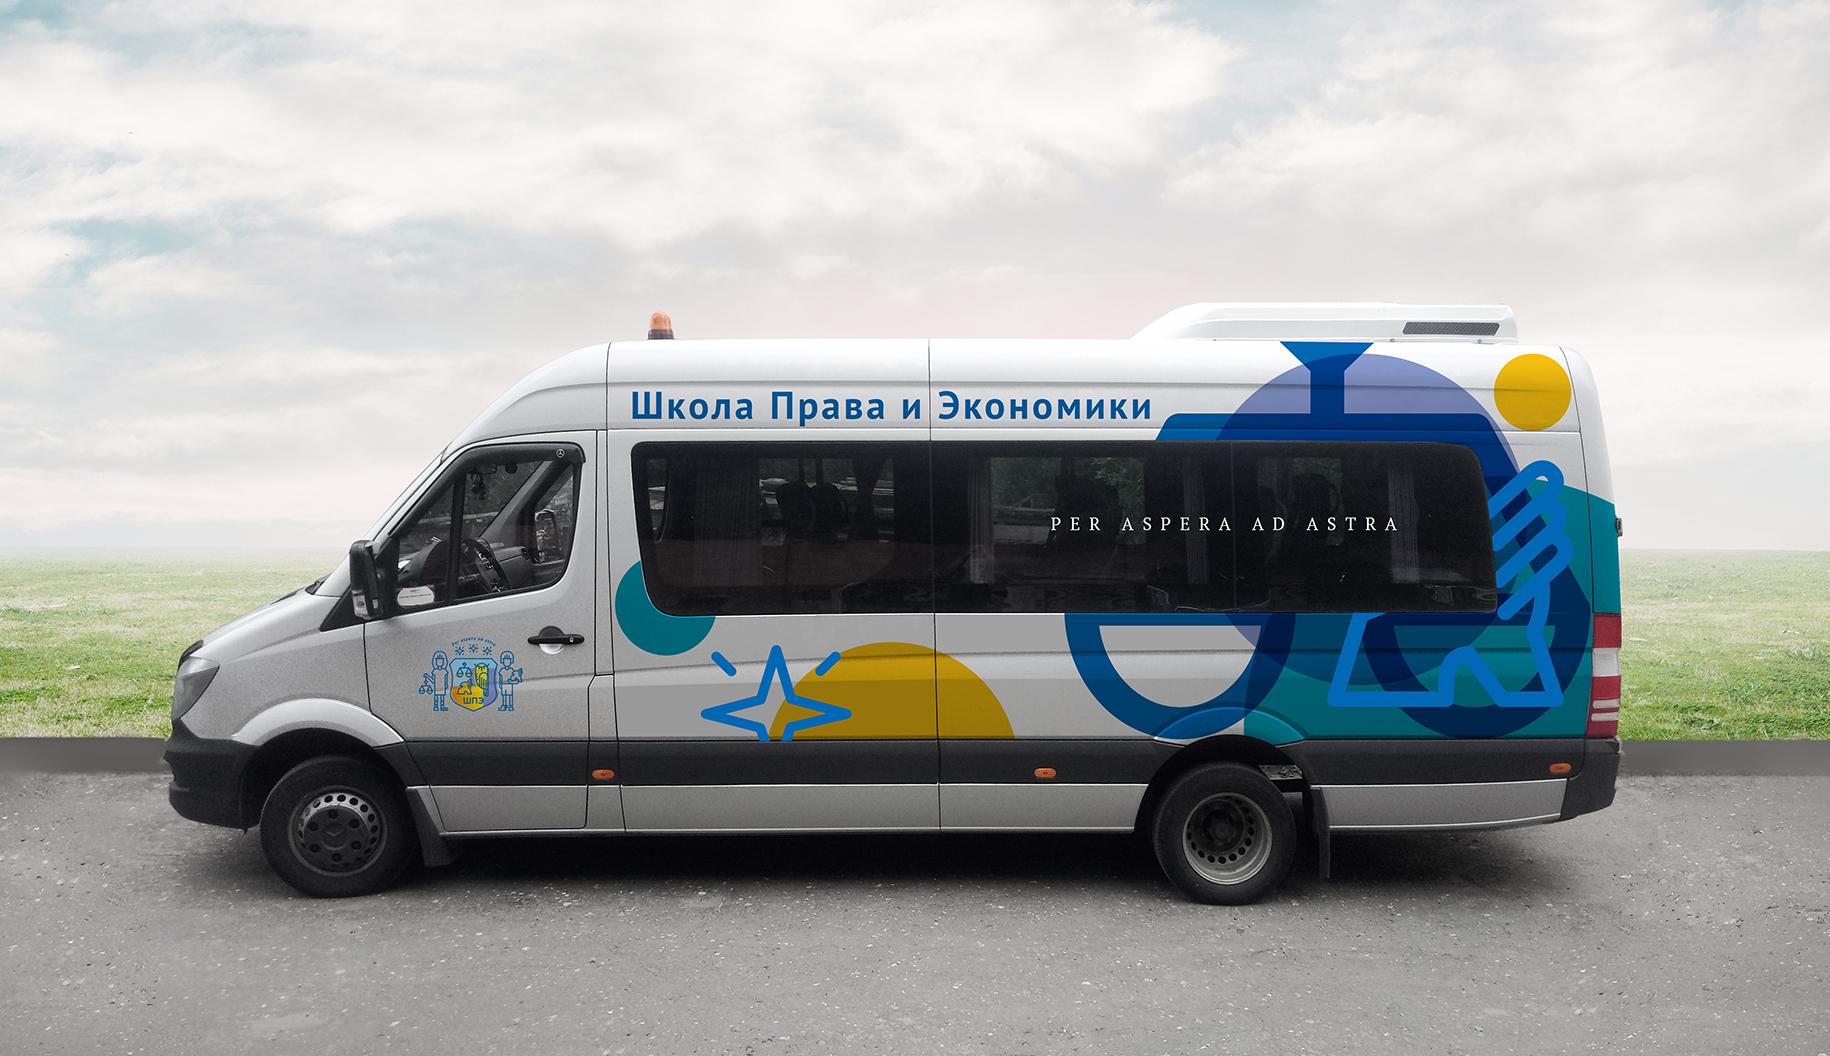 Дизайн оклейки школьного автобуса фото f_6525d040a607caa8.jpg